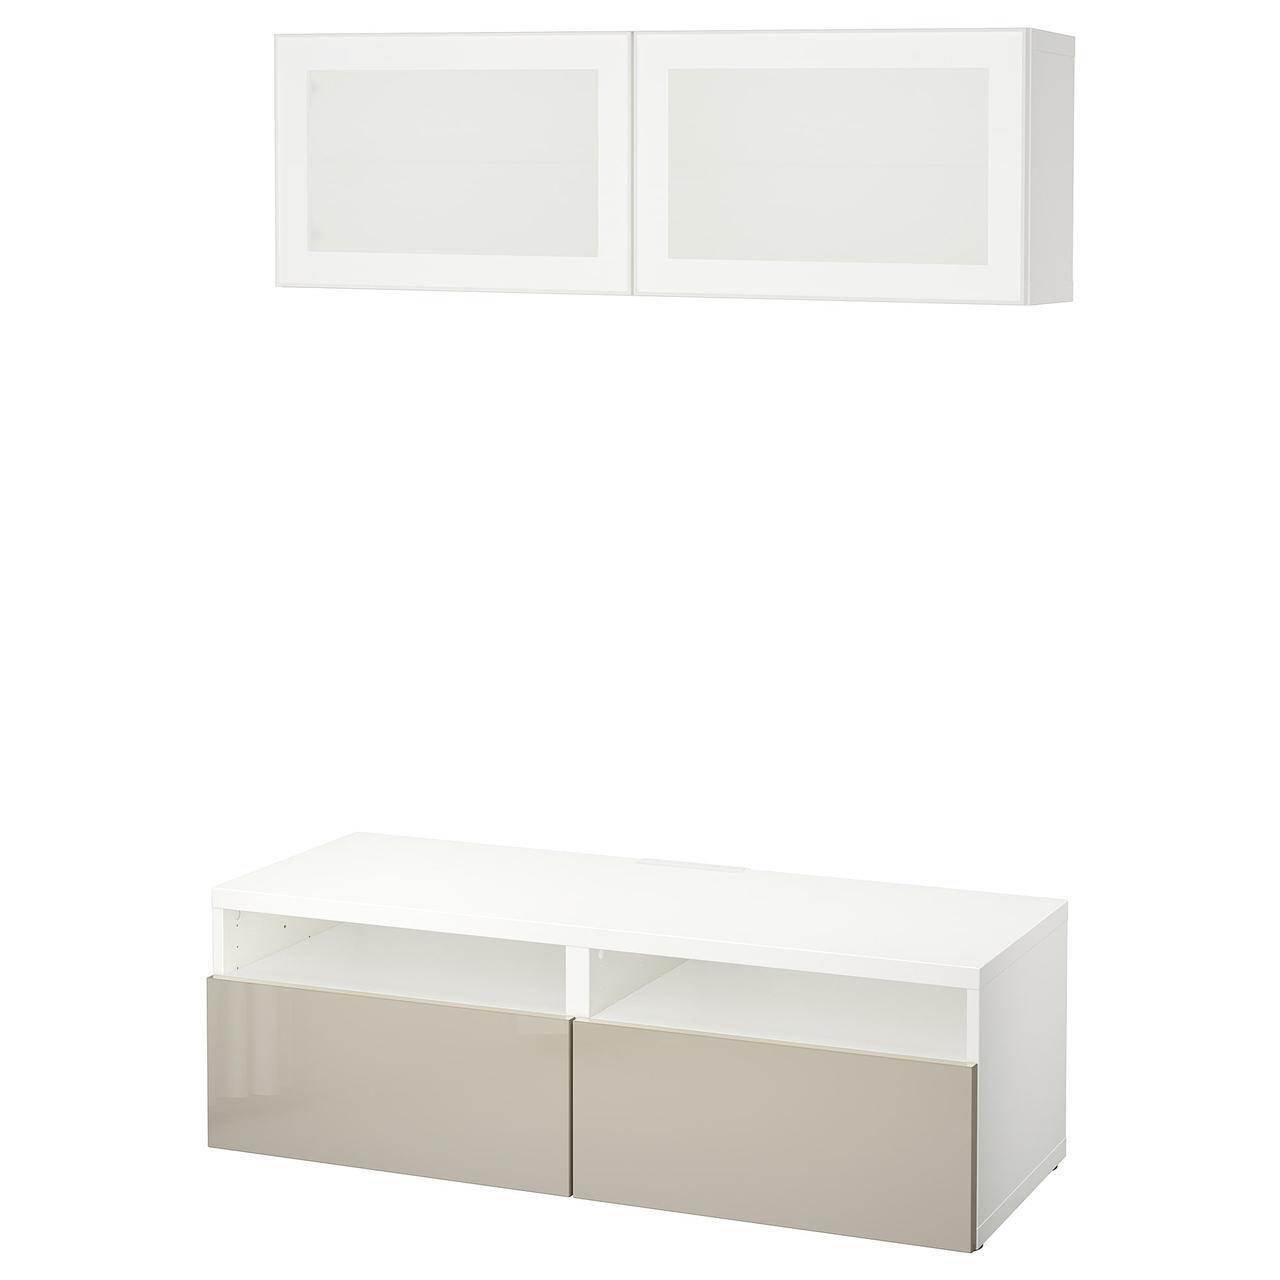 IKEA BESTA Тумба под телевизор с стеклянными дверьми, белый, Сельсвикен (691.894.19)